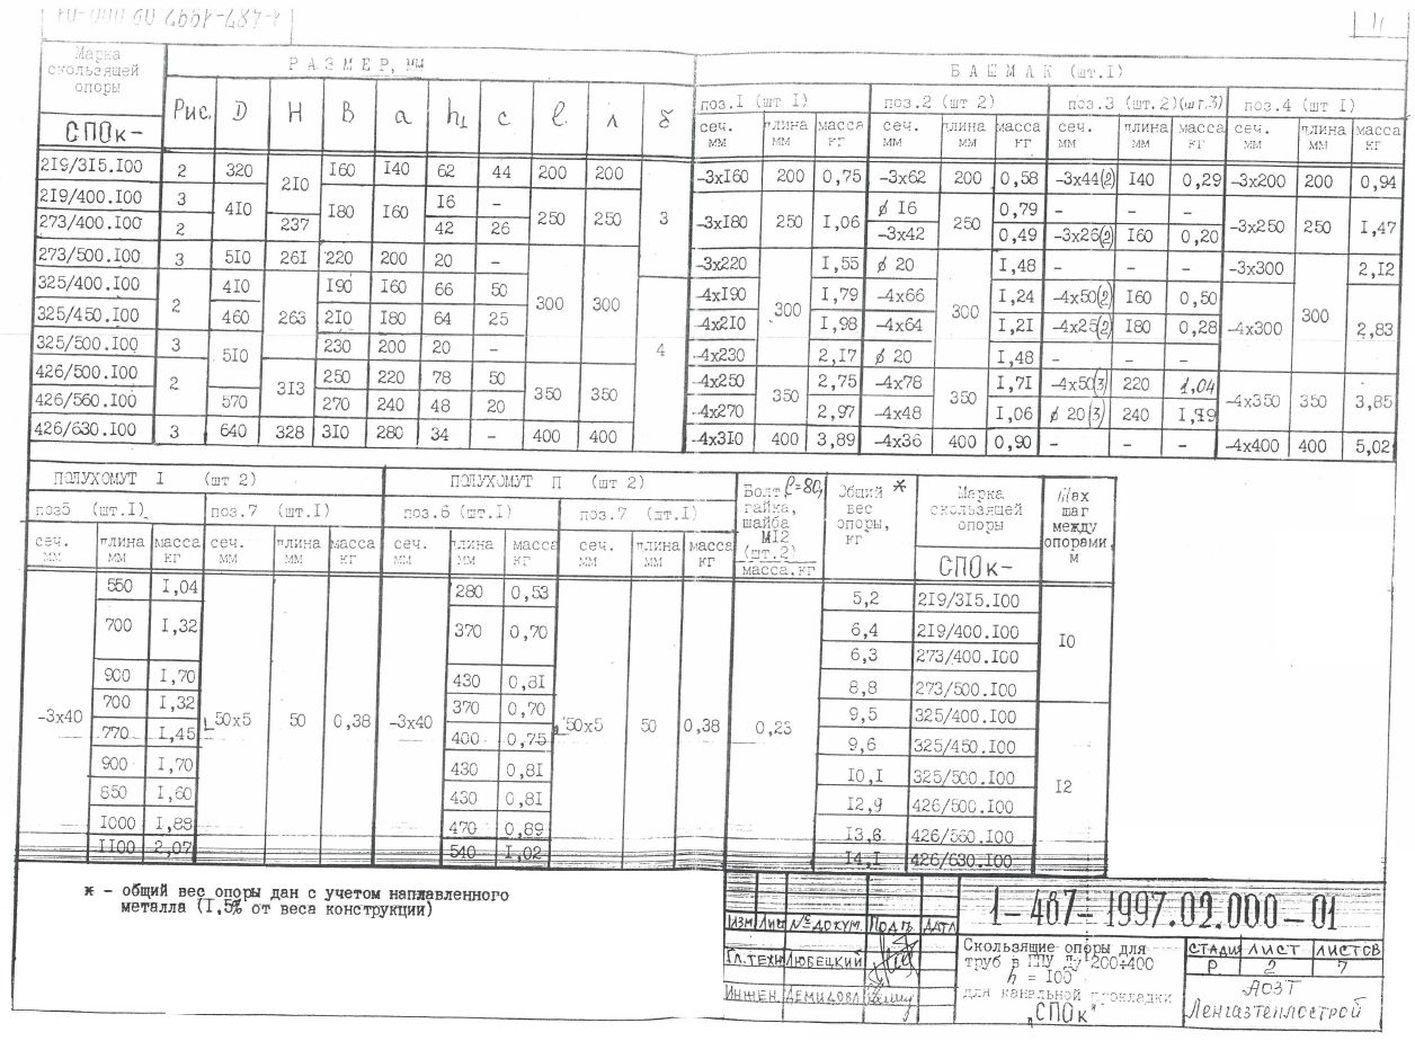 Опора СПОк ТД 1-487-1997.02.000-03 стр.2